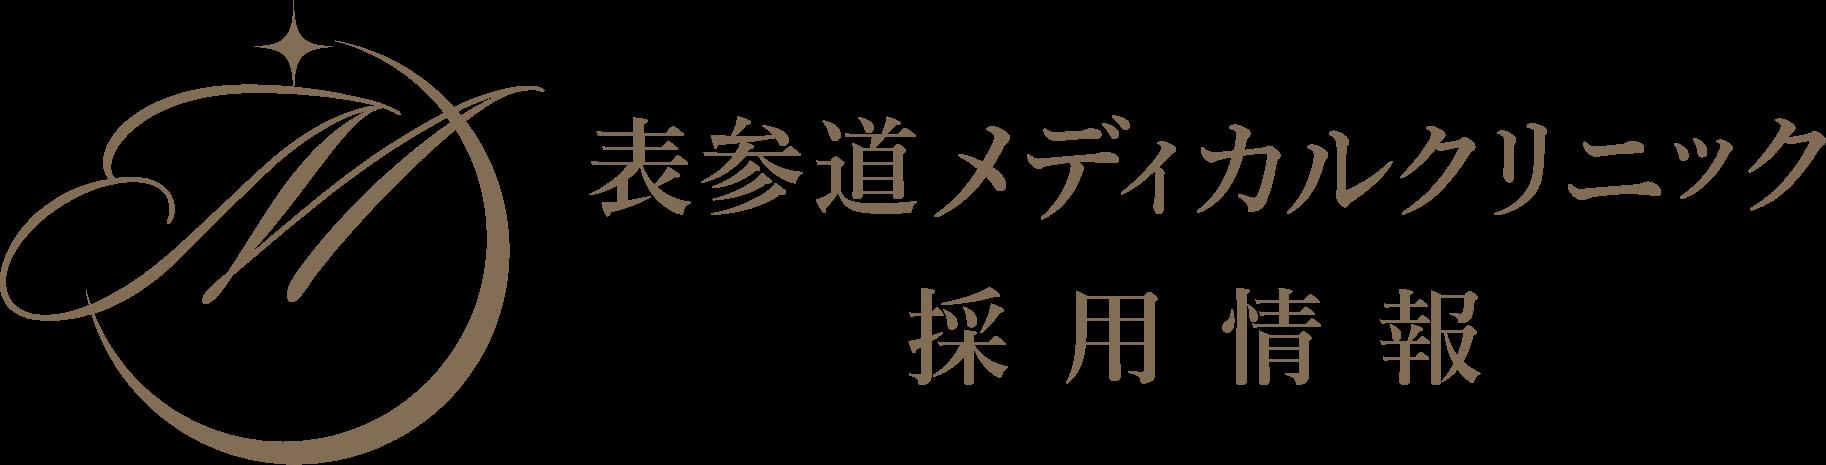 表参道メディカルクリニック 採用情報